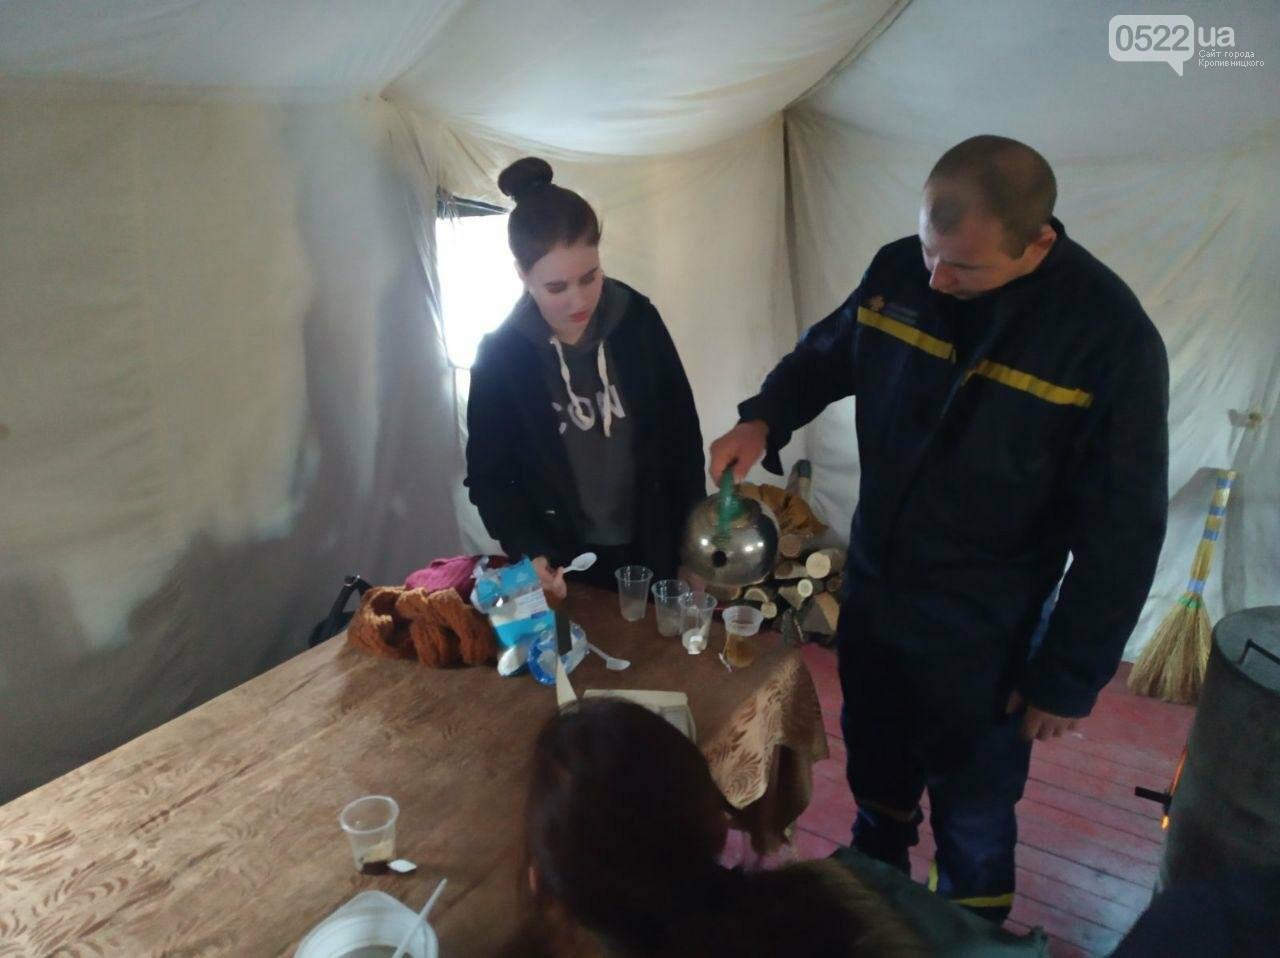 Рятувальники продовжують надавати допомогу населенню та комунальникам Світловодська по ліквідації НС, фото-1